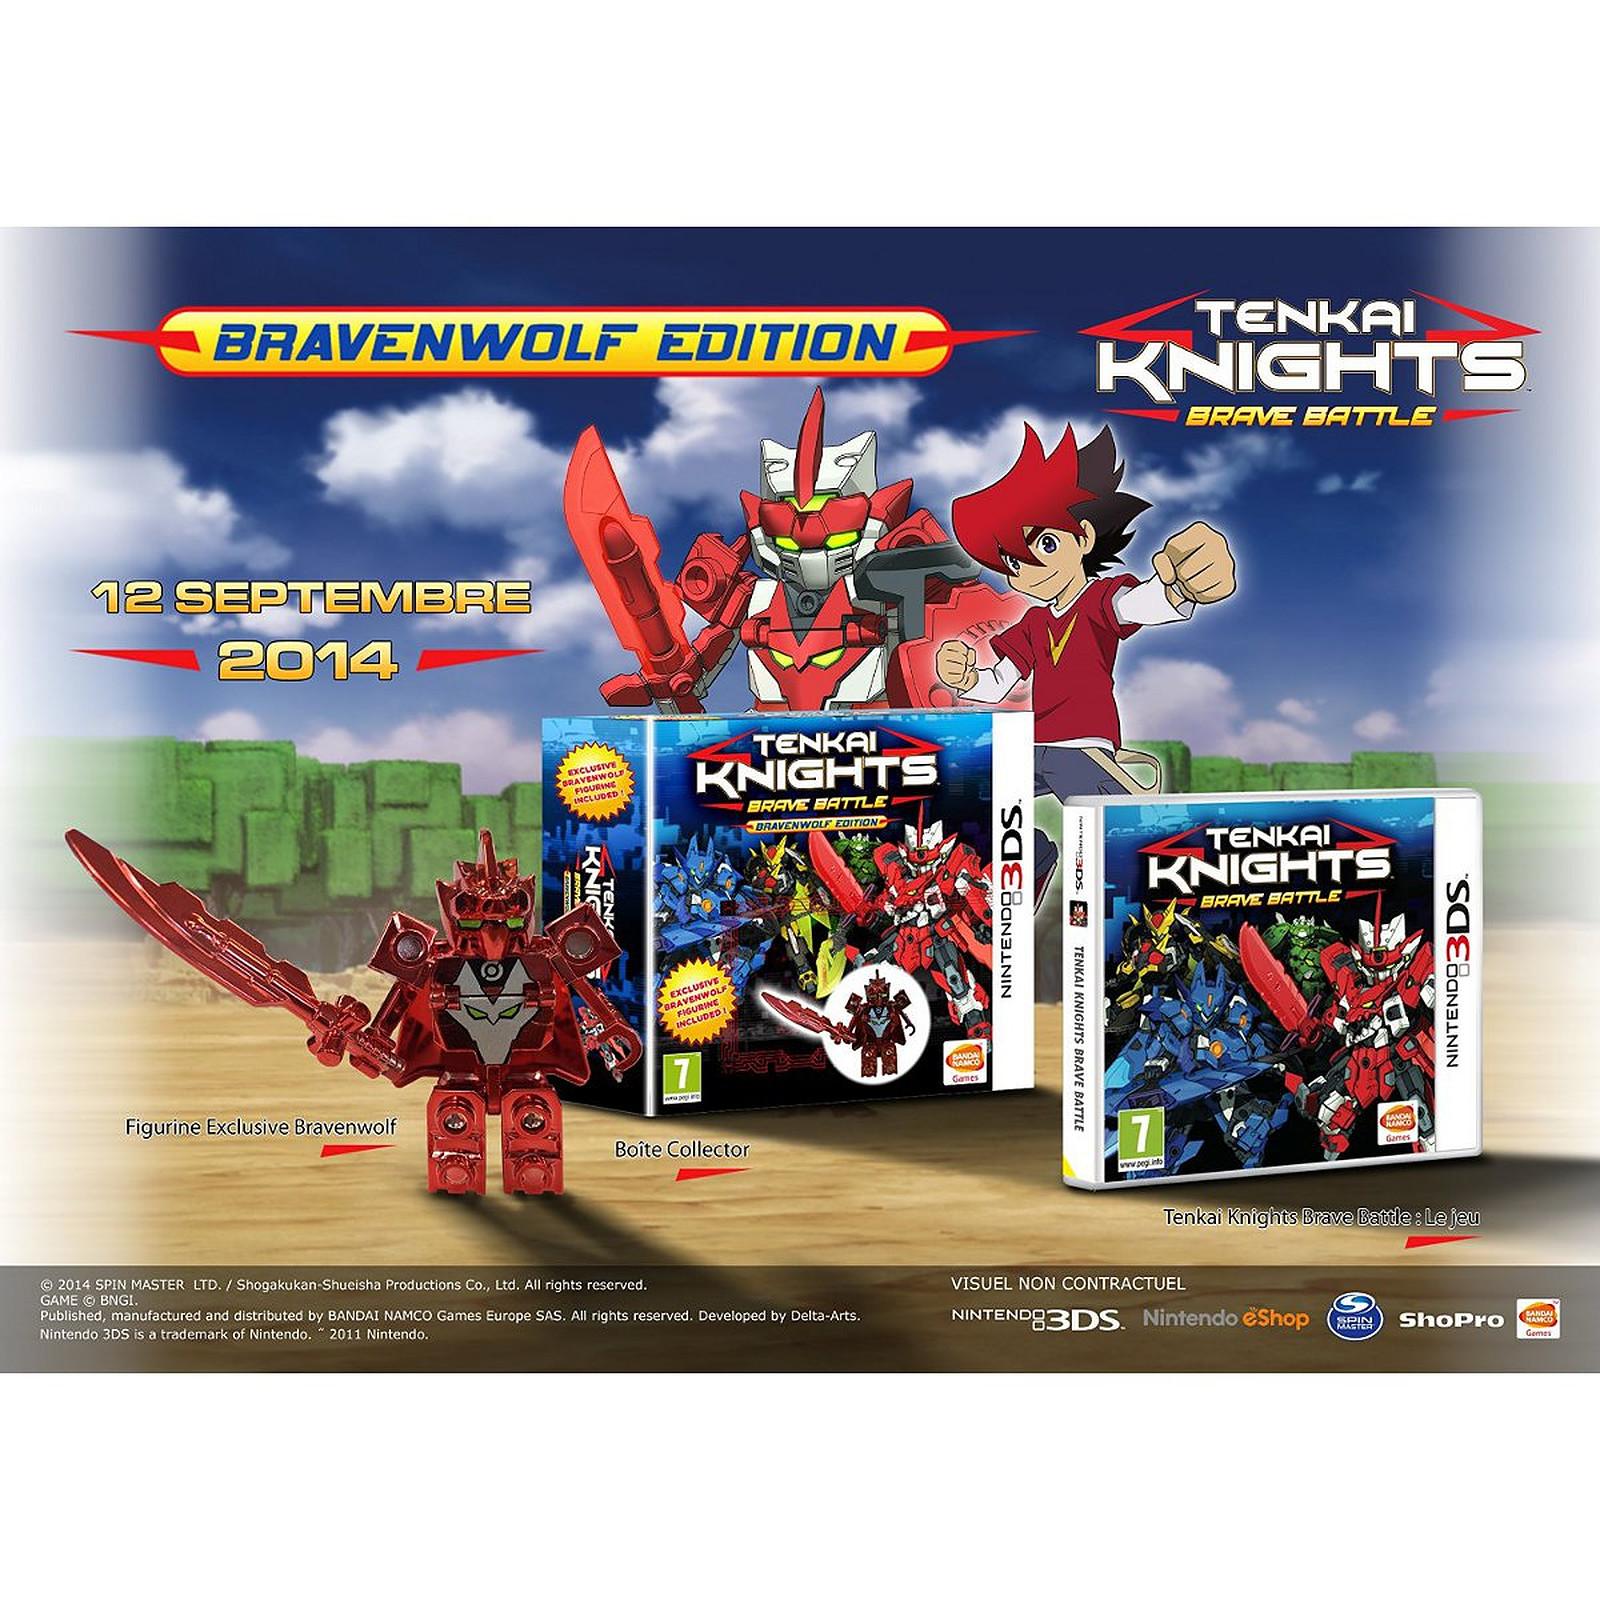 Tenkai Knights : Brave Battle - Bravenwolf Edition (Nintendo 3DS/2DS)